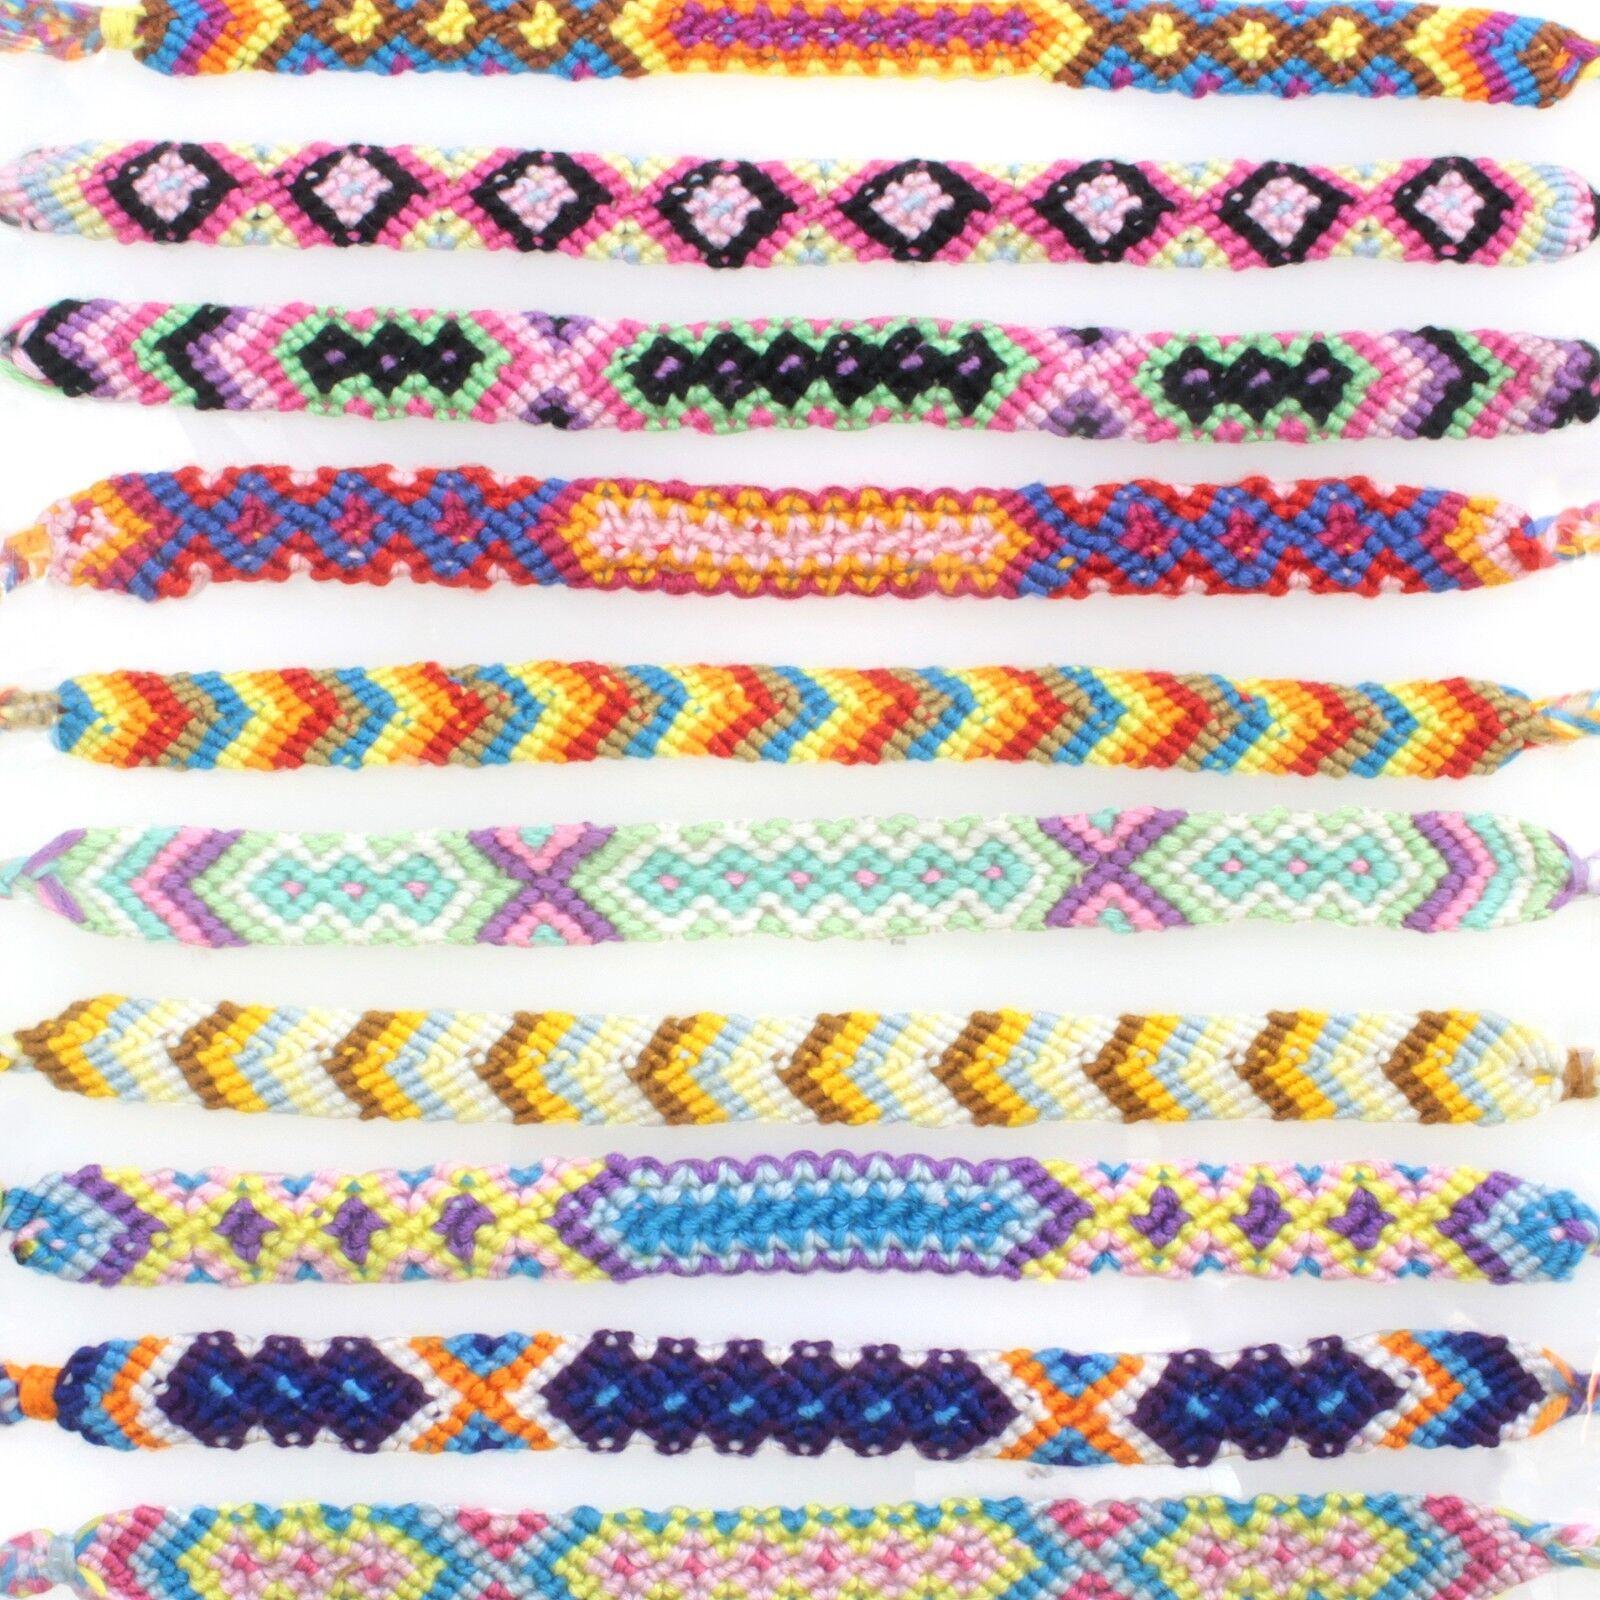 Handmade Friendship Bracelet